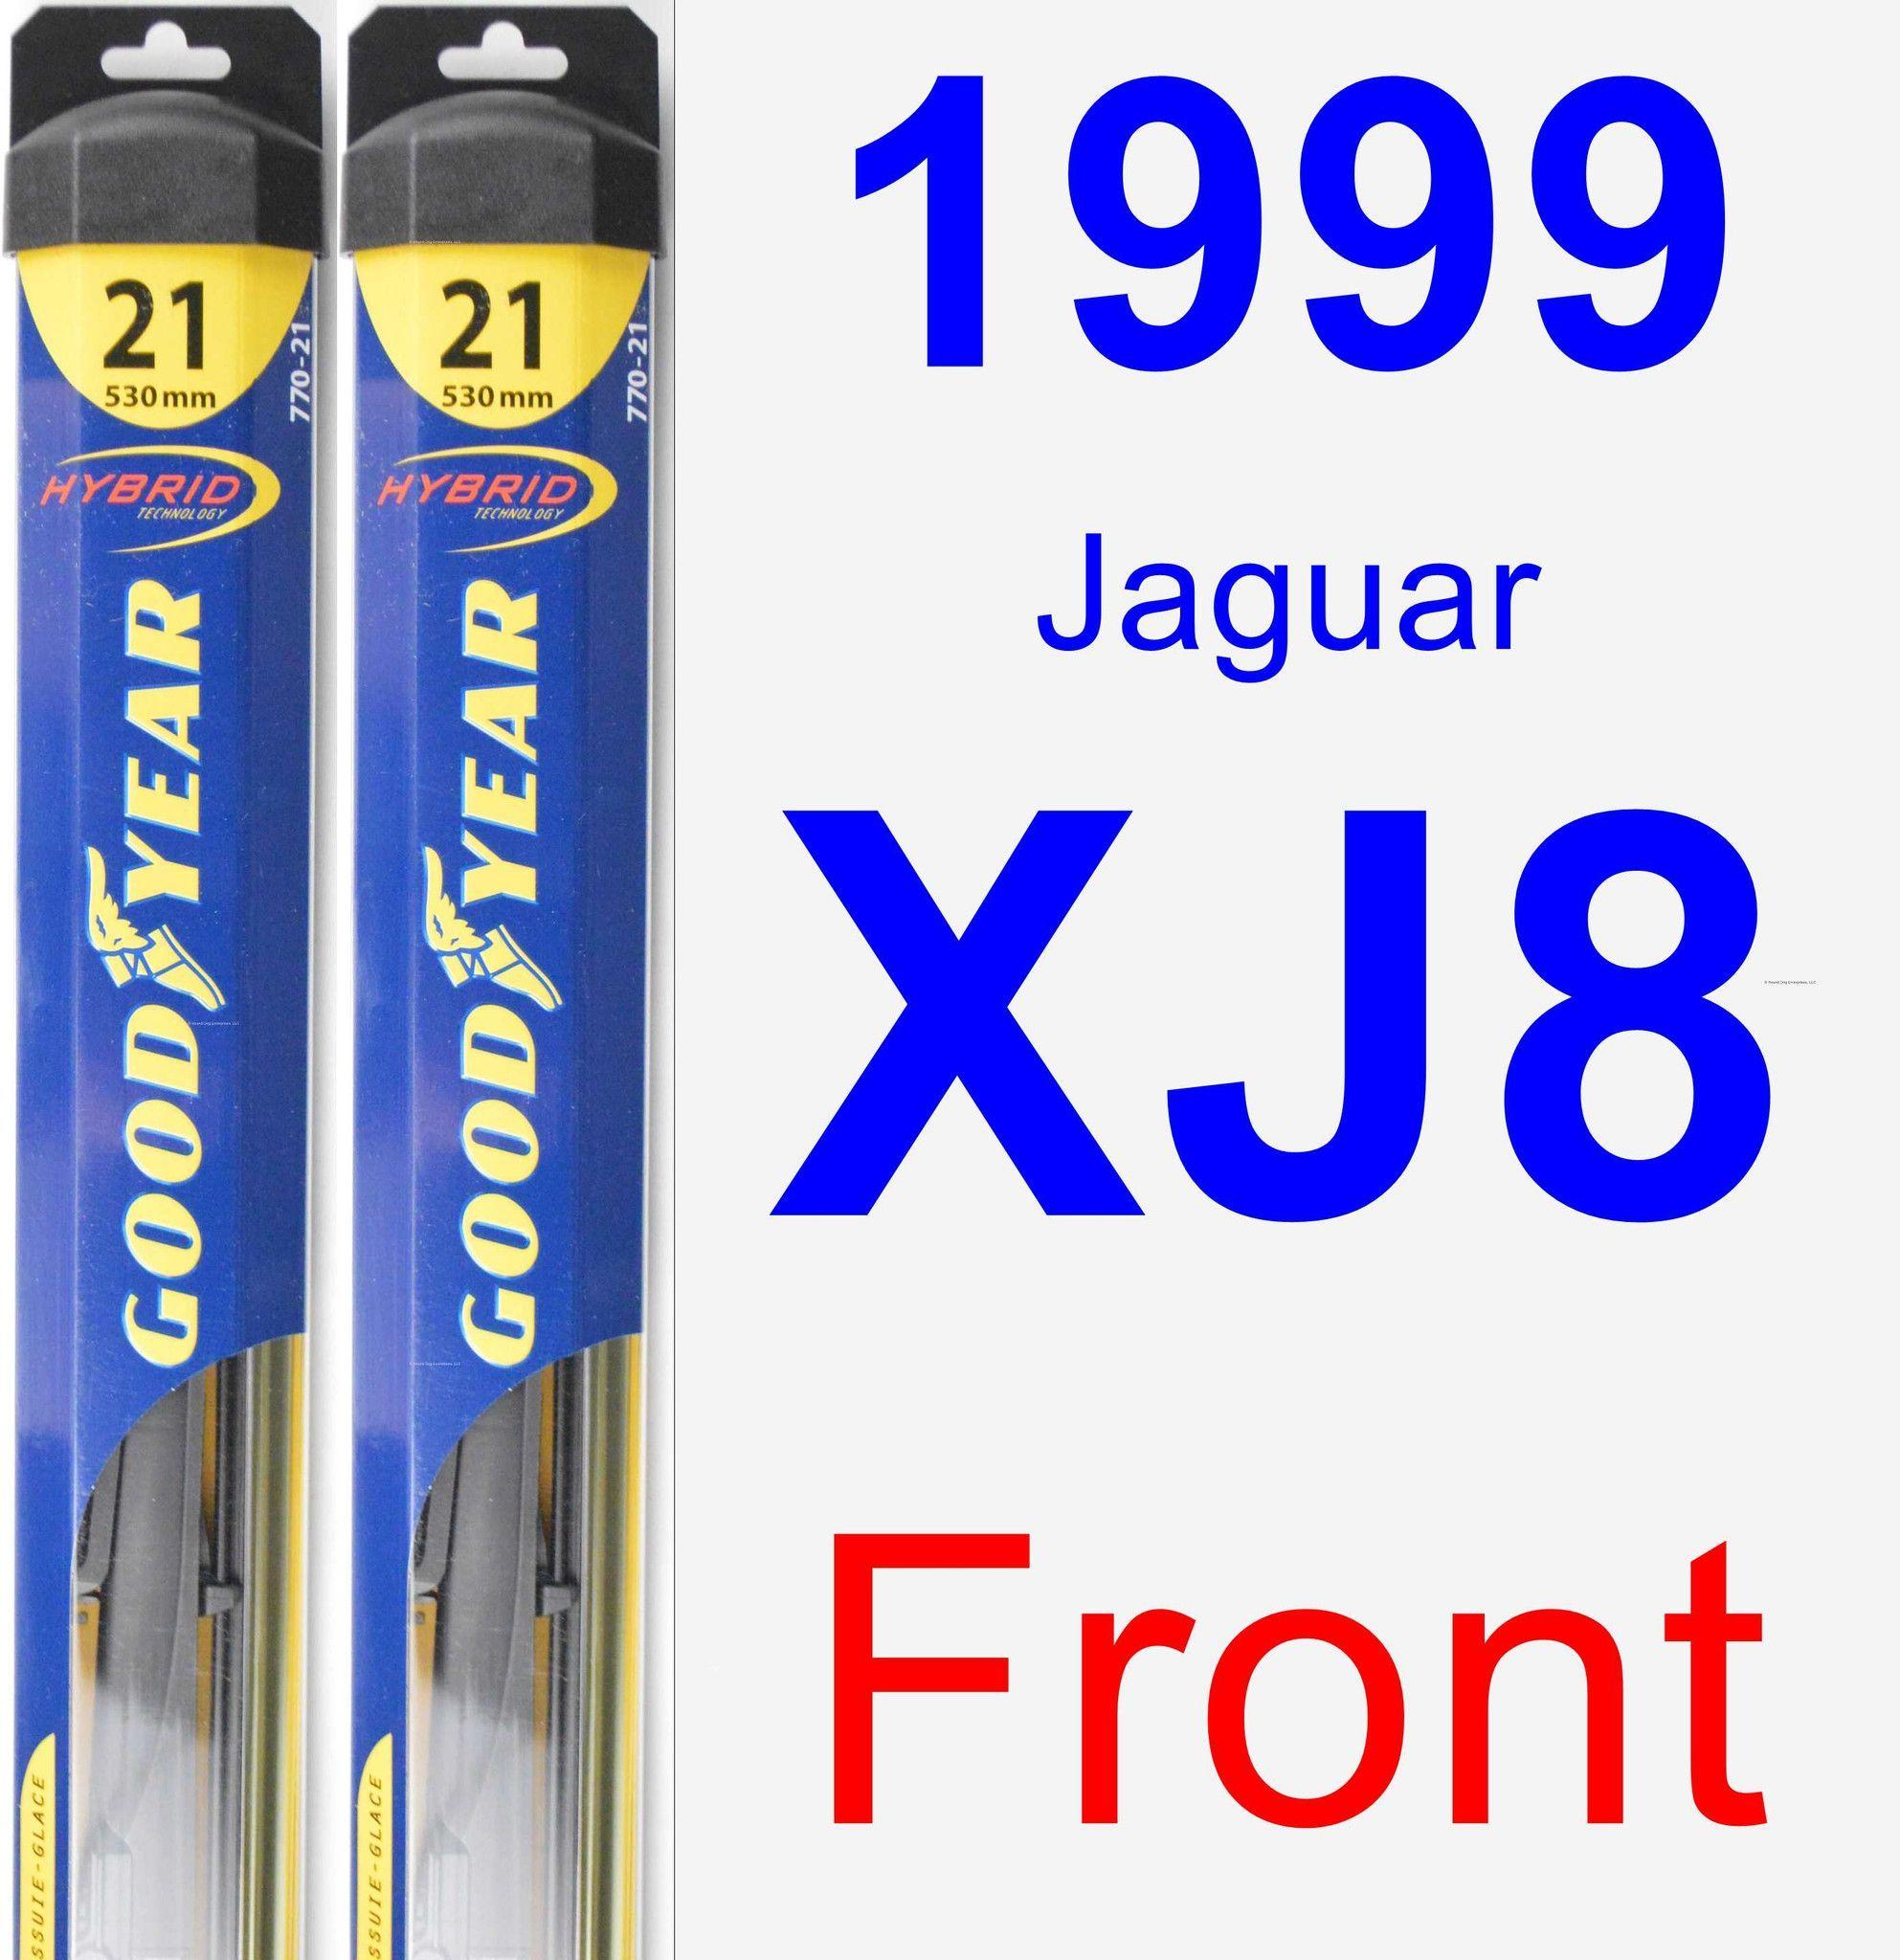 Front Wiper Blade Pack For 1999 Jaguar XJ8